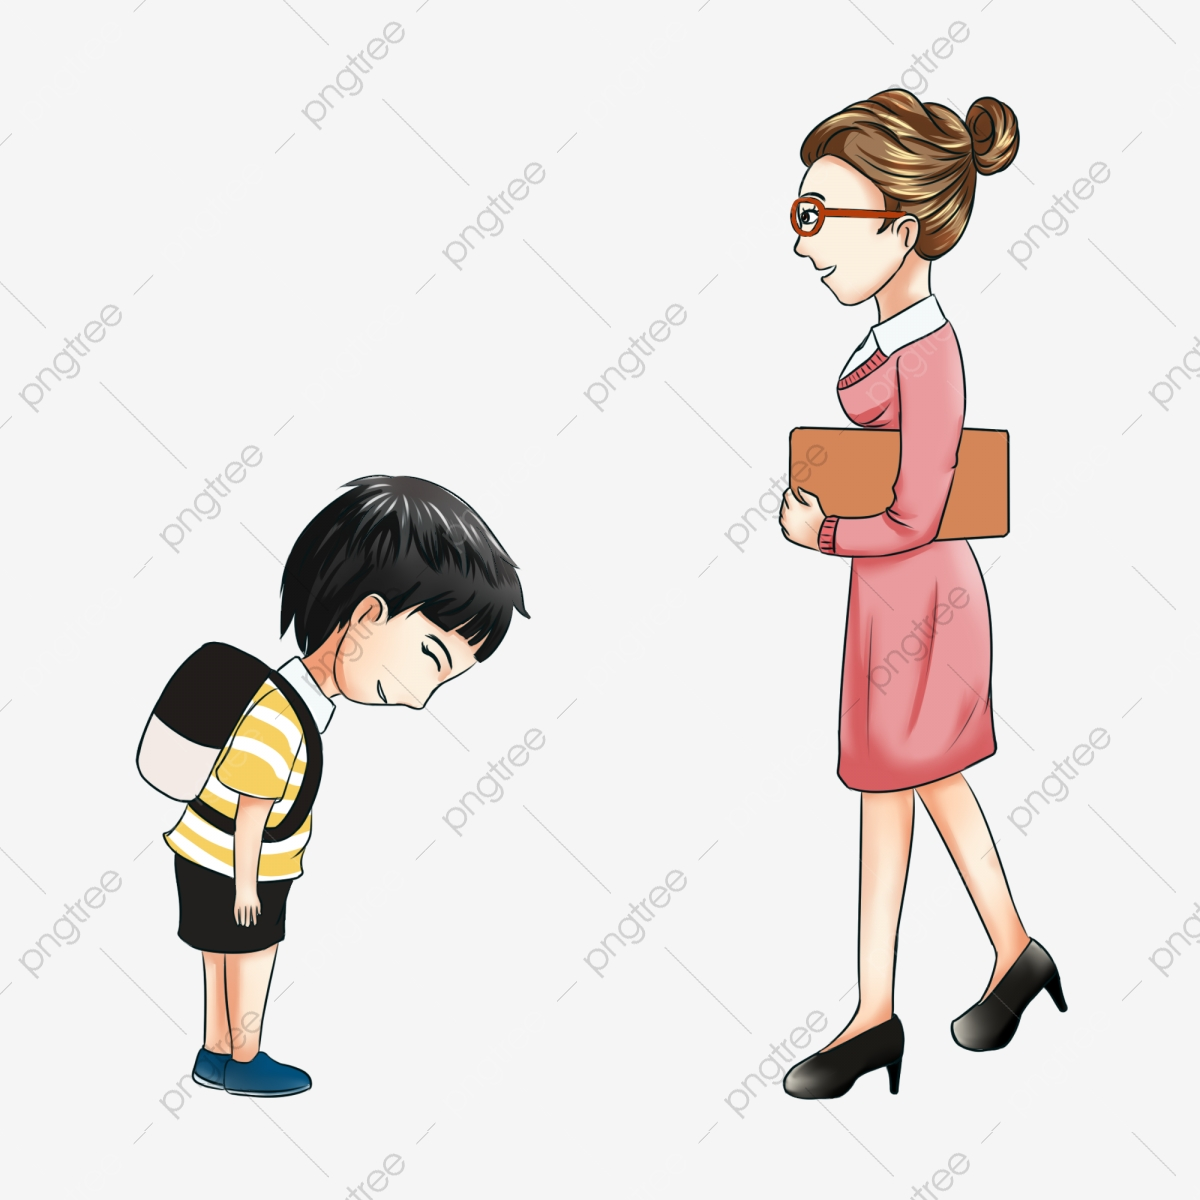 Gambar Kartun Latihan Guru Guru Mengajar Pelajar Sekolah Menengah Kartun Kelas Latihan Guru Png Dan Psd Untuk Muat Turun Percuma